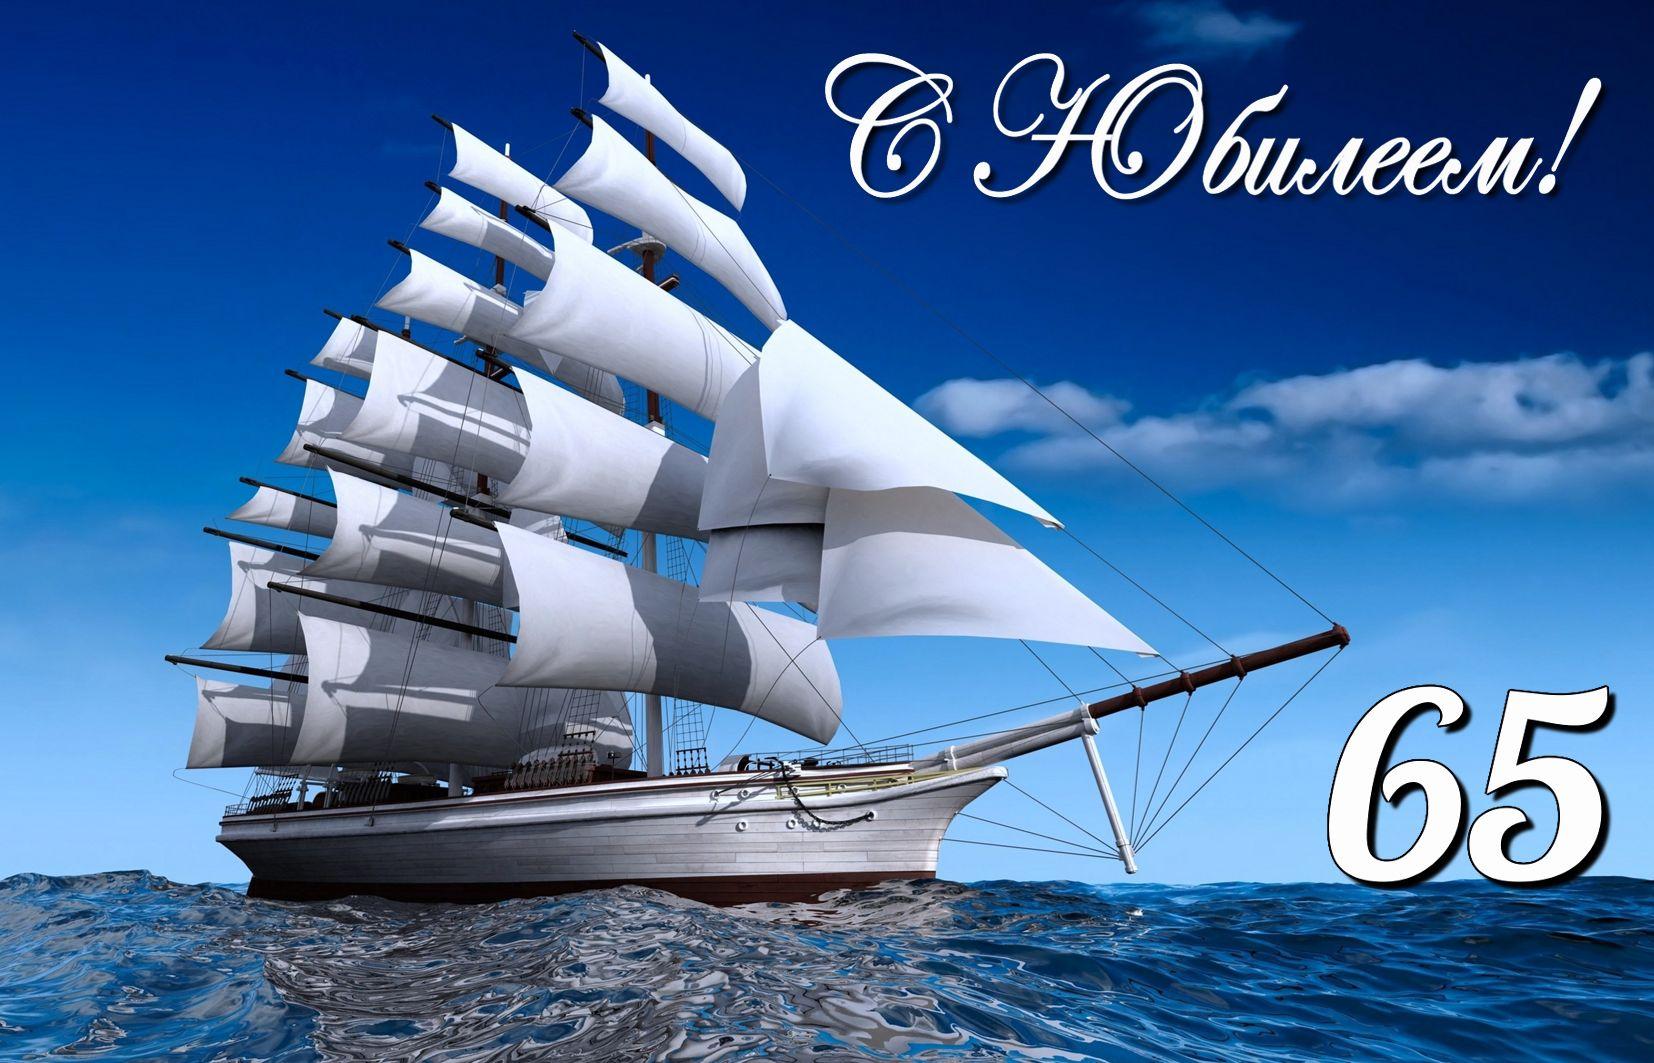 Открытка на юбилей 65 лет - красивый парусник на морских волнах